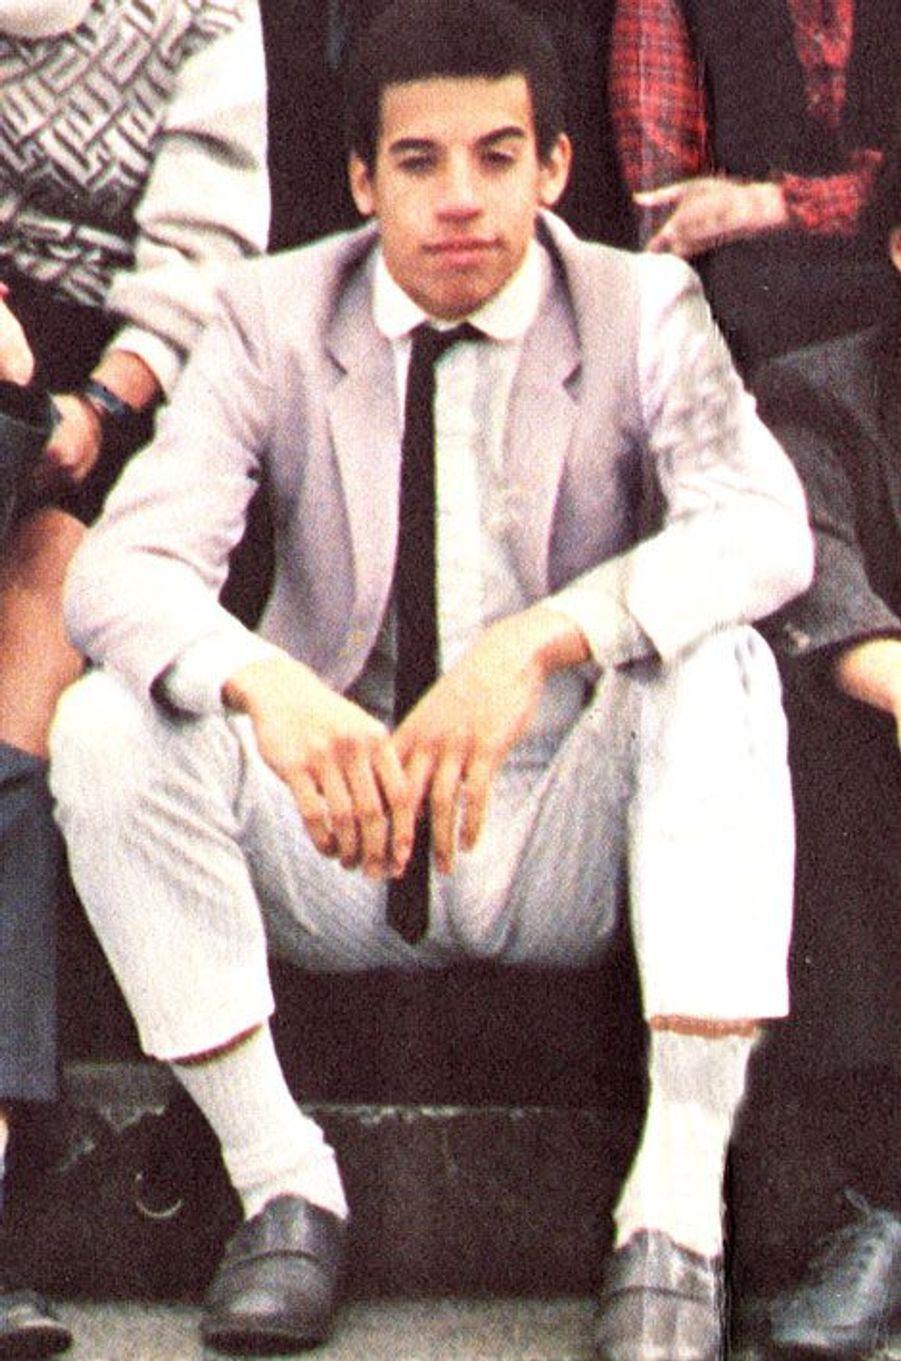 Découvrez le nom de cette star en surlignant le texte ci-après: =><font color=black><b>Vin Diesel chevelu en 1985.</font></b><=<br><br><br>